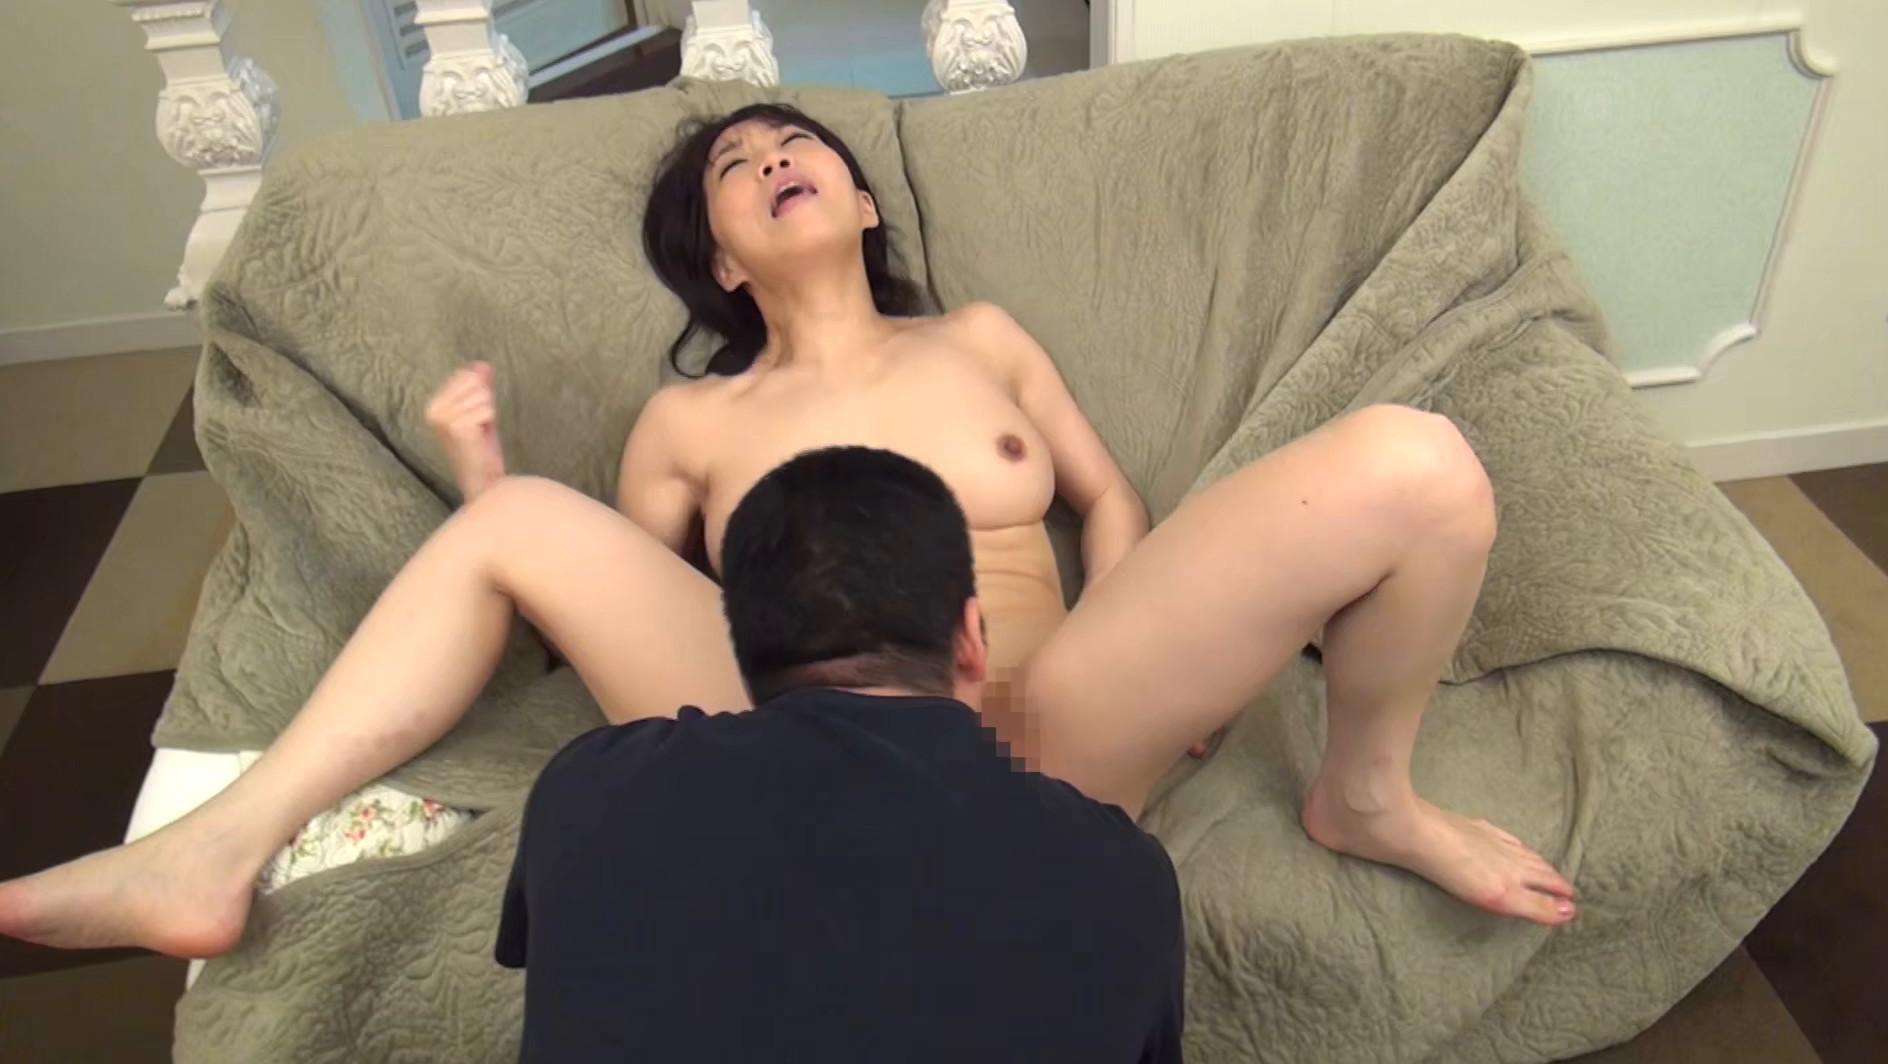 【四十路】応募素人妻 美奈子さん 46歳,のサンプル画像5